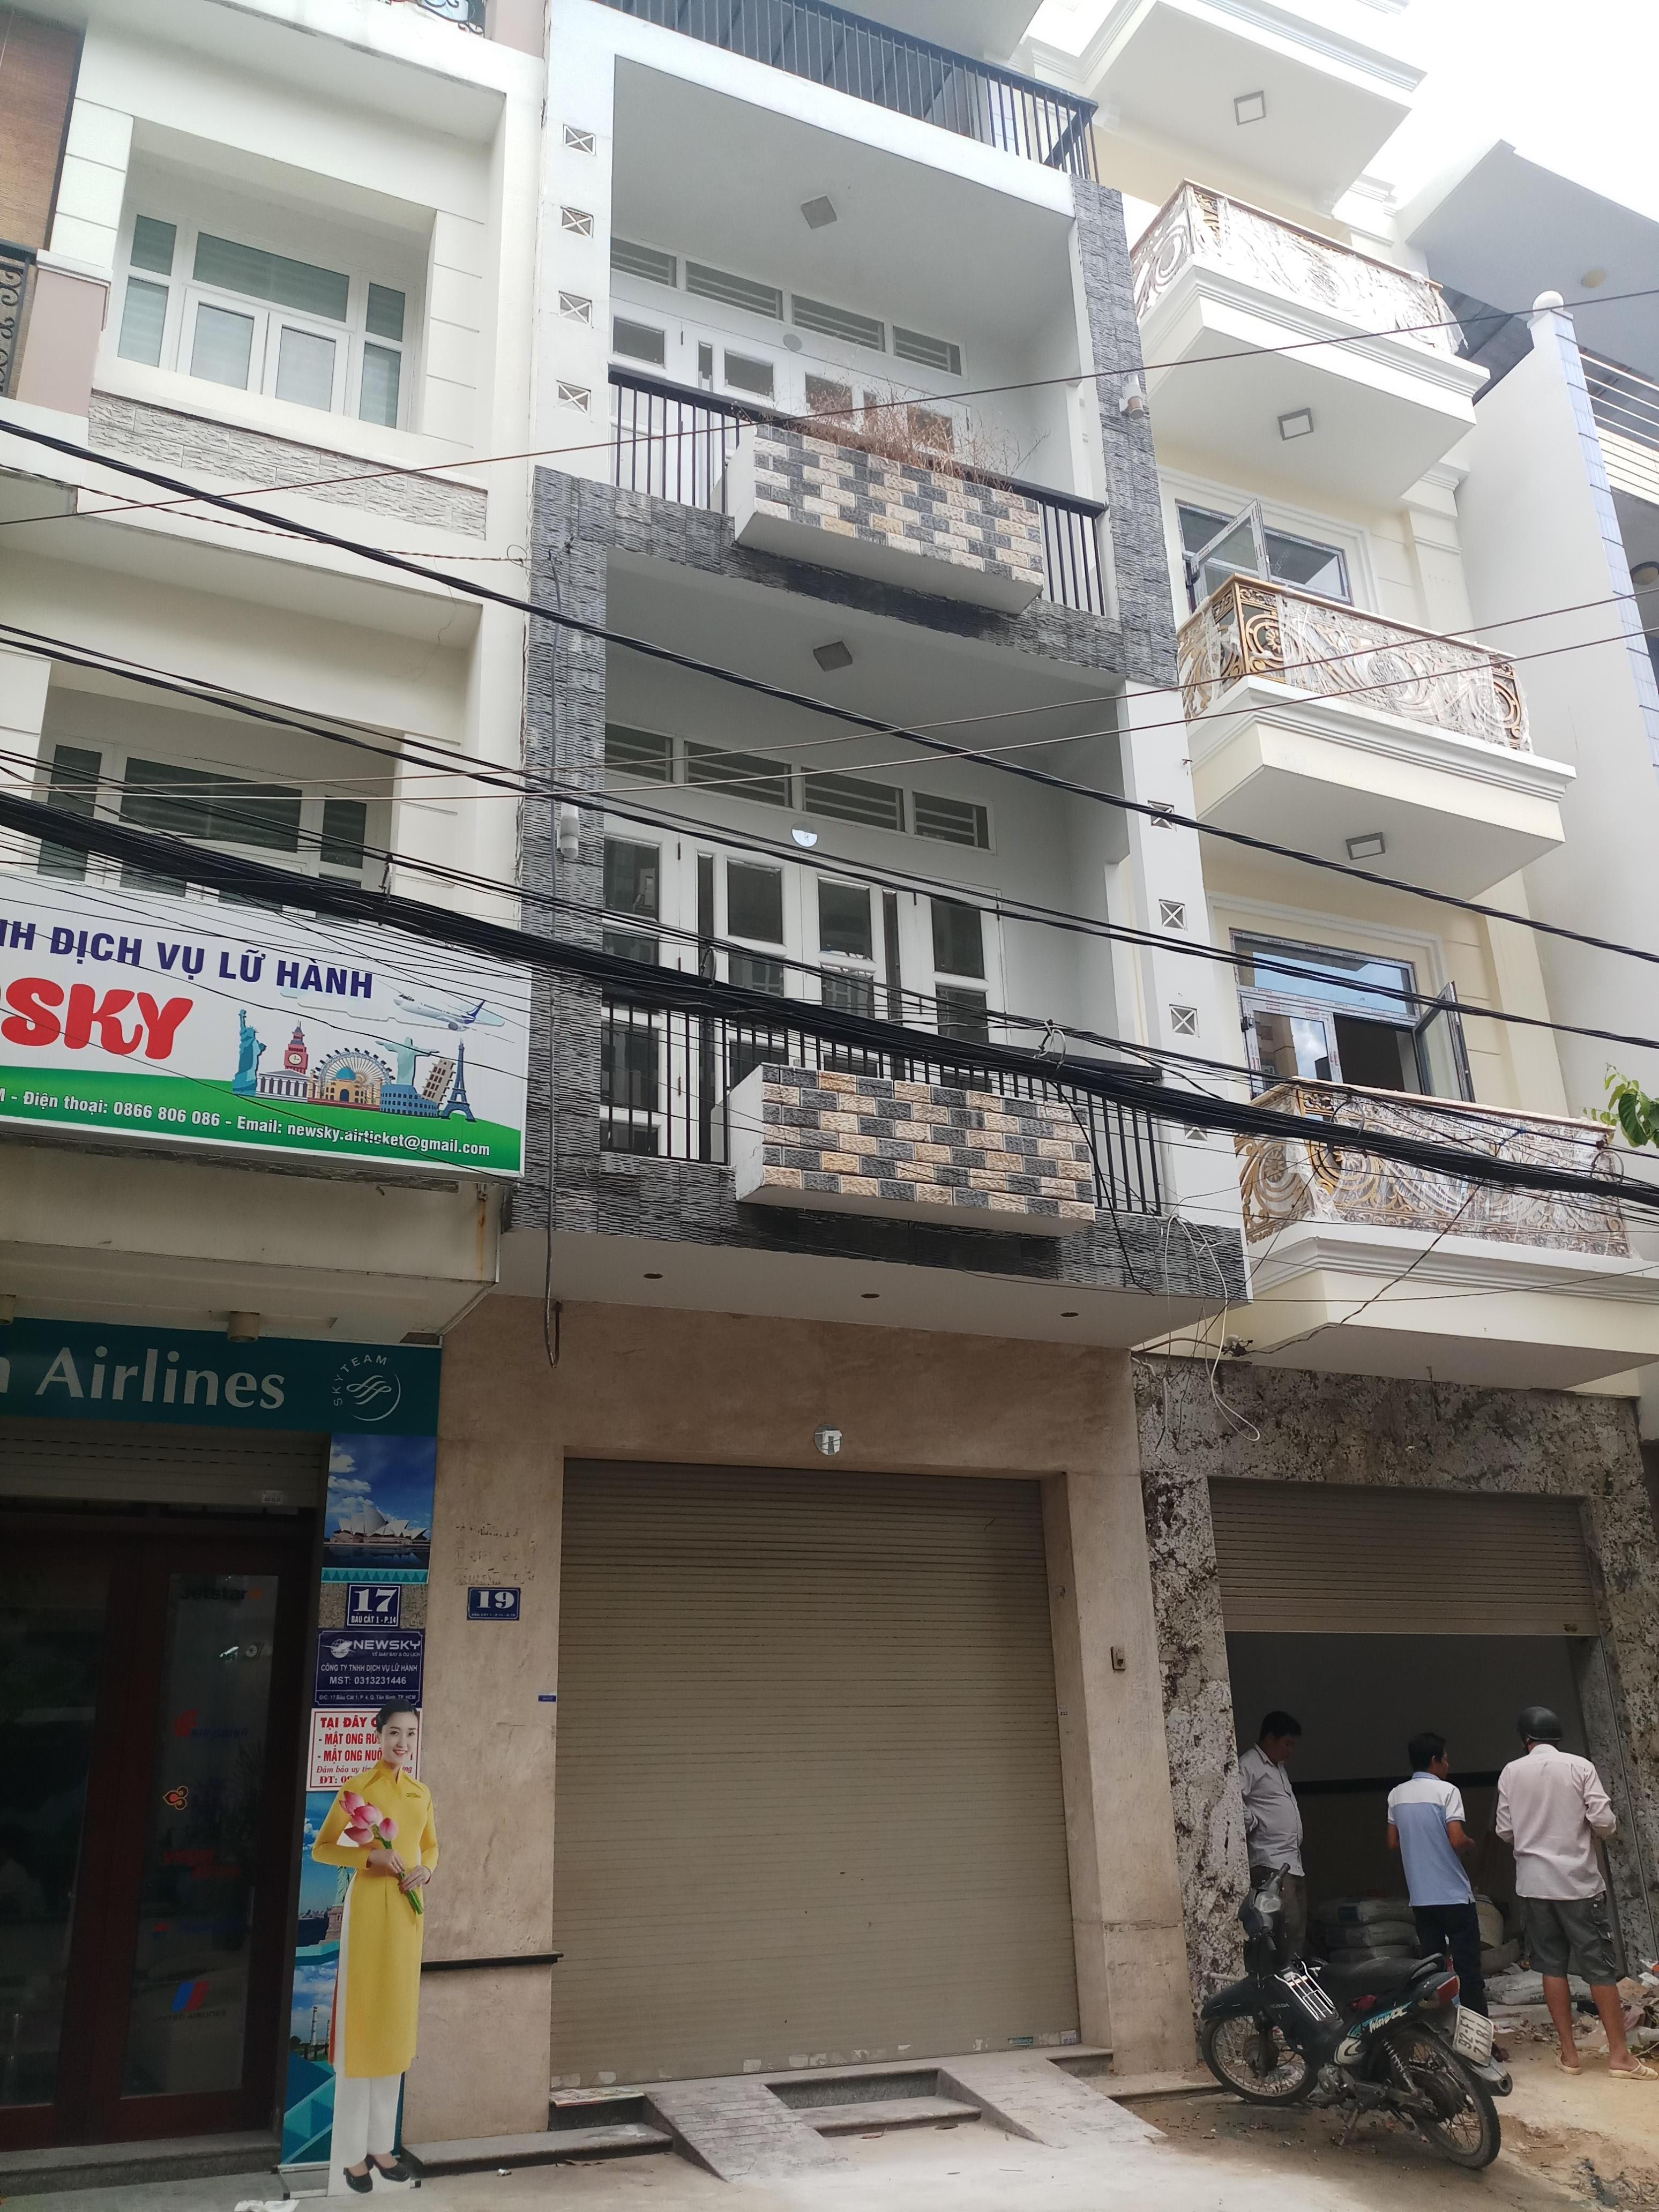 Nhà bán mặt tiền Bàu Cát 1, P.14, Tân Bình; 4x14m, 3 lầu mới, vị trí rất đẹp, giá 11 tỷ